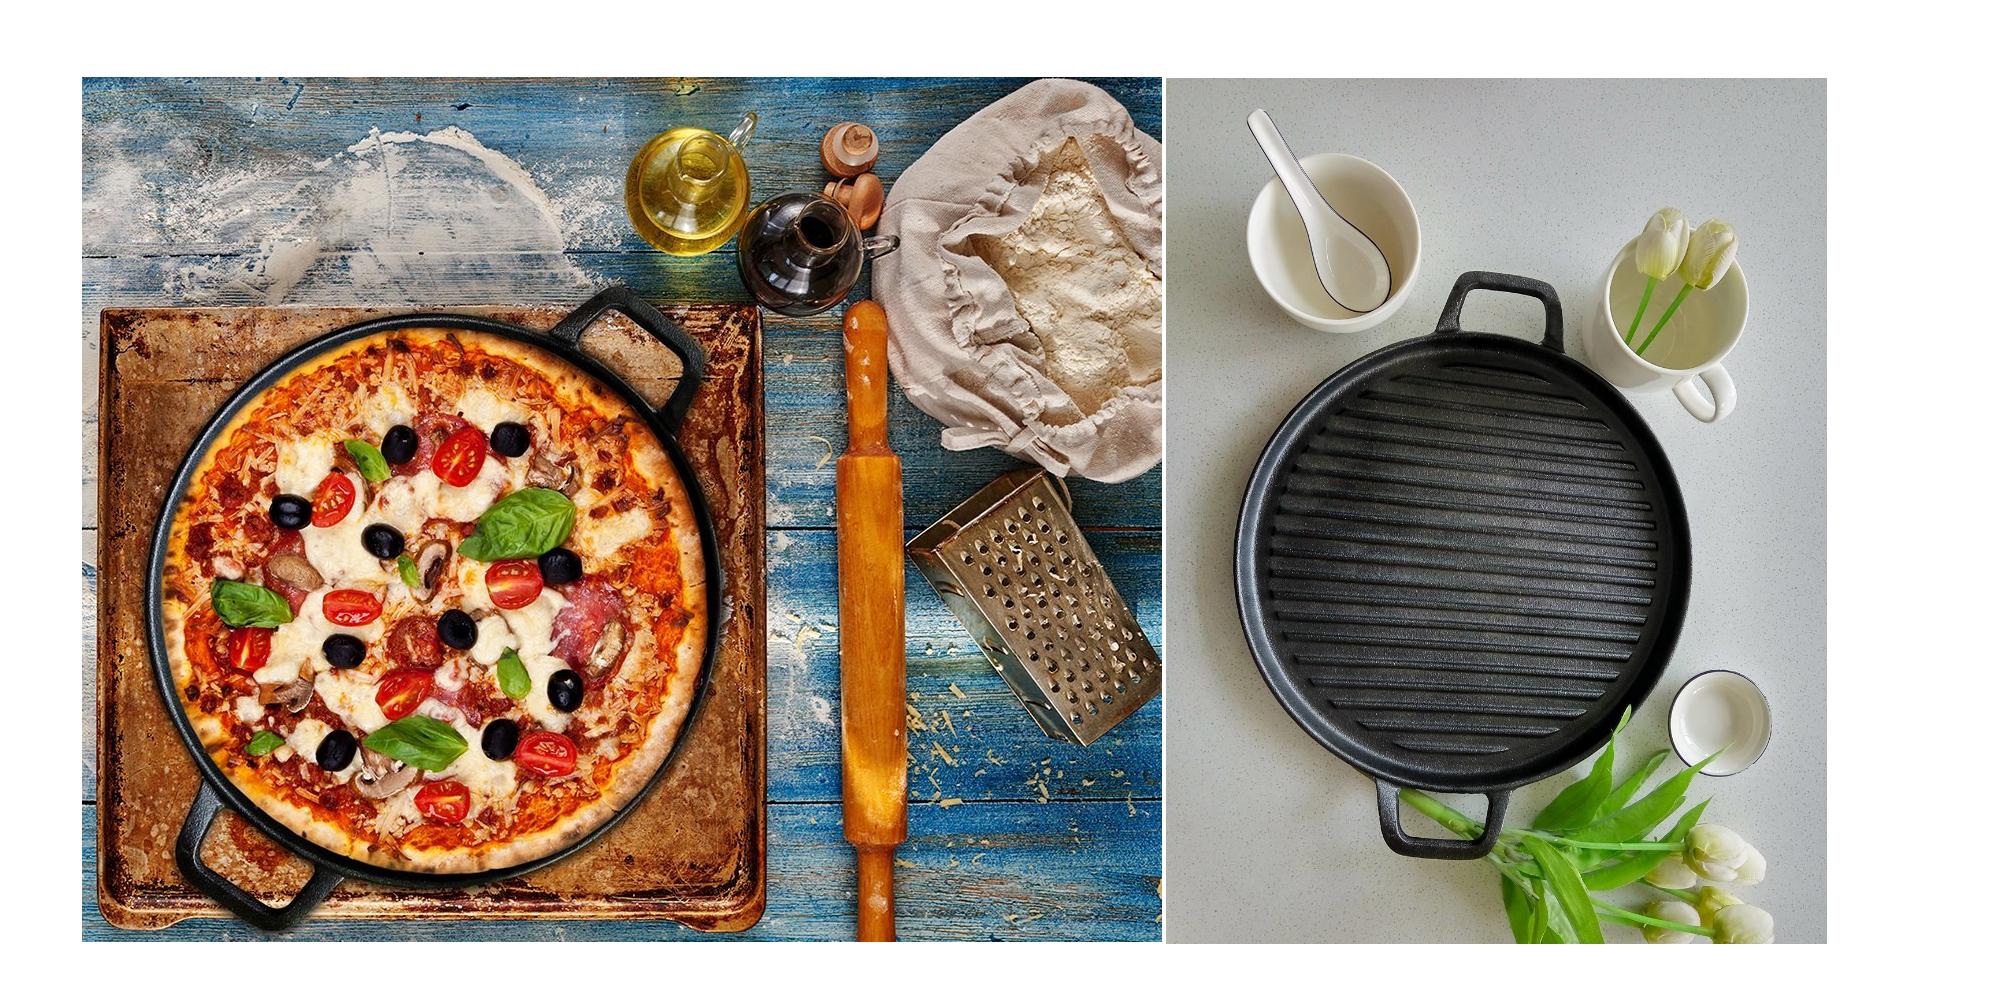 cast-pizza-pan